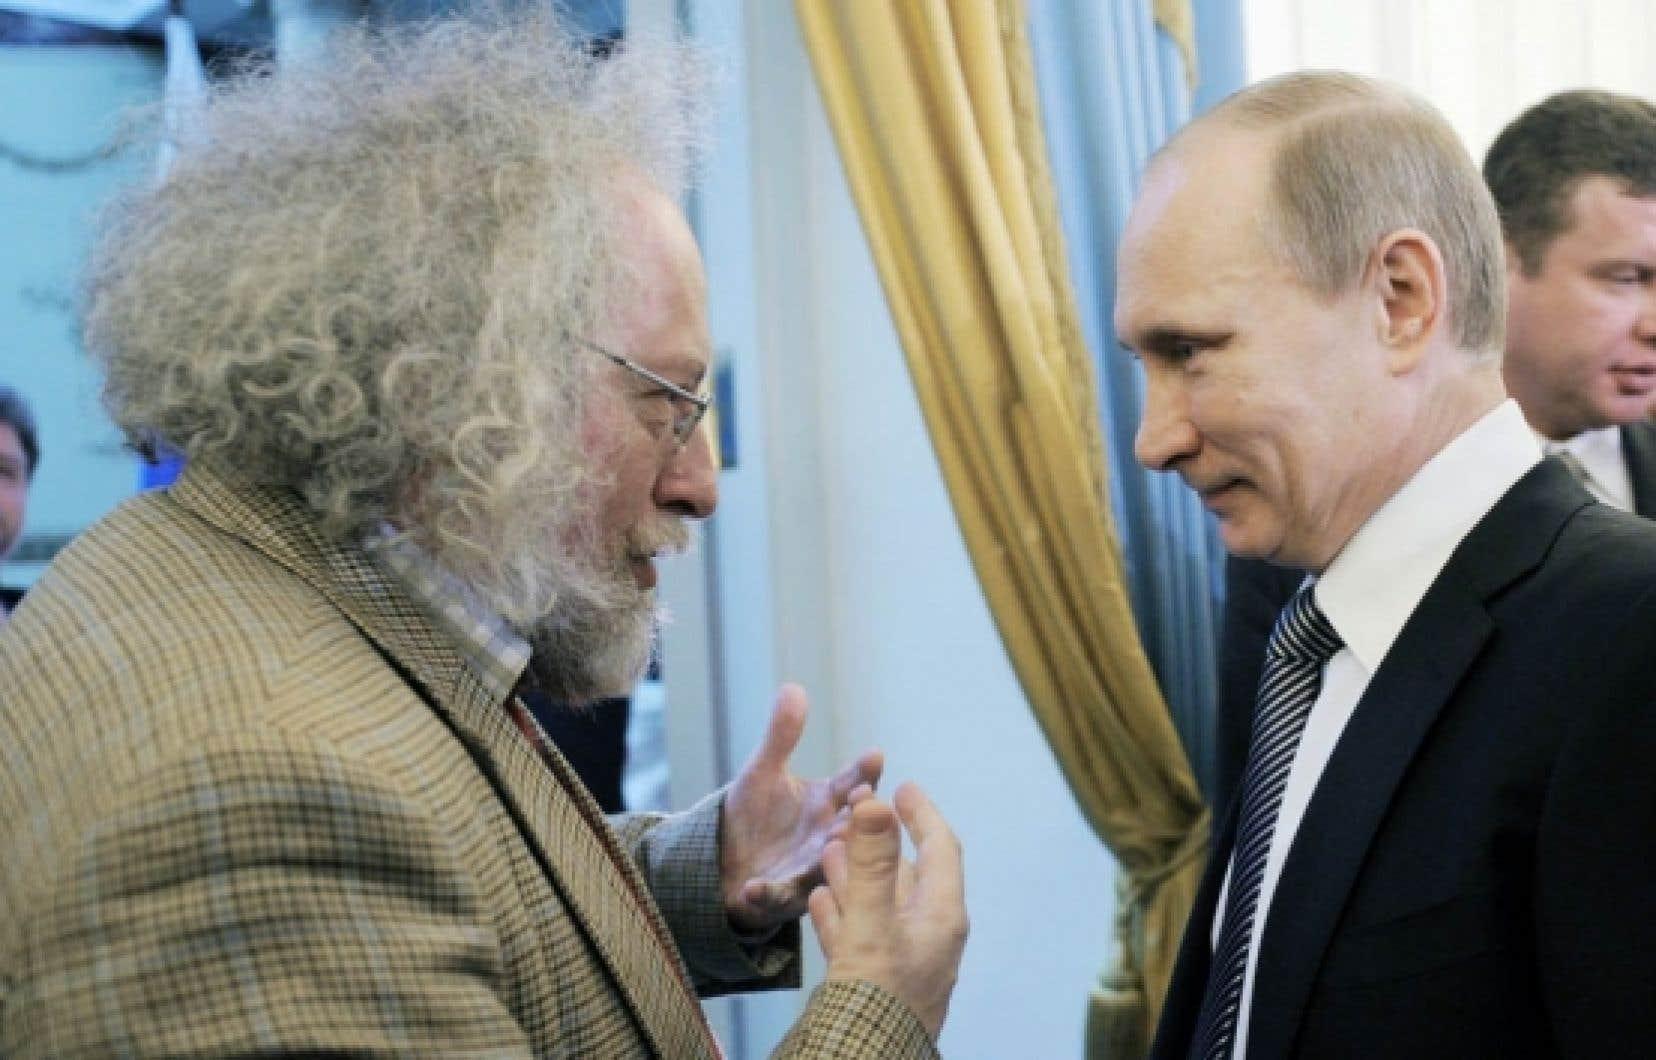 La semaine dernière, le rédacteur en chef d'Echo Moskvy, Aleksei A. Venediktov (à gauche), démissionnait du conseil d'administration en signe de protestation après que l'actionnaire principal de la radio, Gazprom, eut annoncé un changement au sein de ce conseil, à l'encontre de la volonté de la direction. On voit ici M. Venediktov en janvier dernier avec Vladimir Poutine.<br />